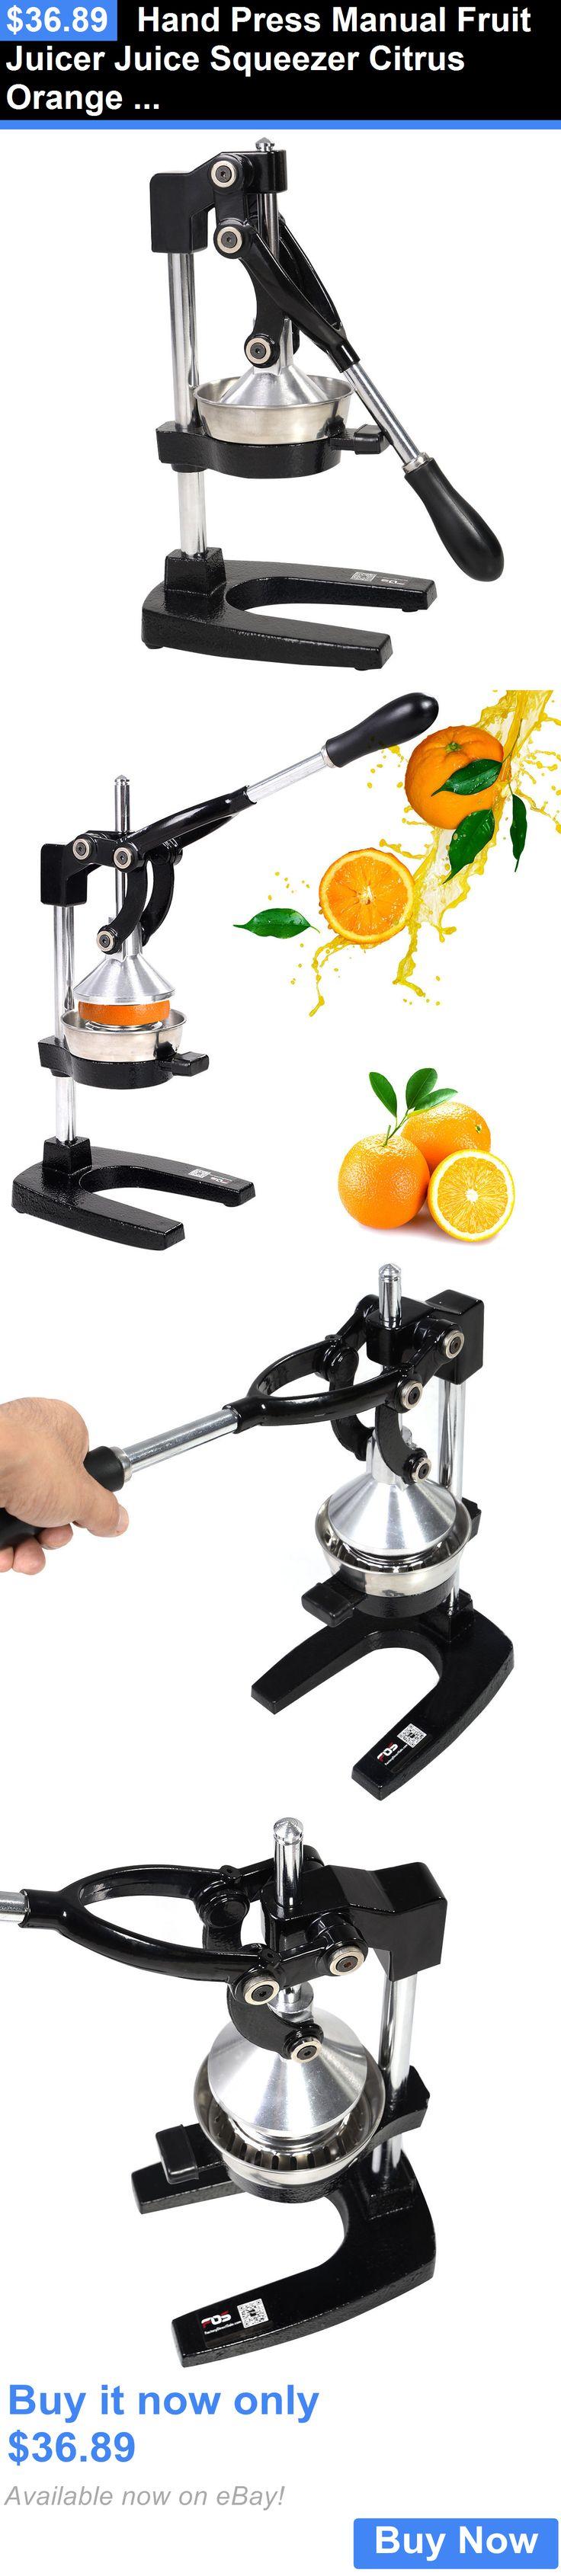 appliances: Hand Press Manual Fruit Juicer Juice Squeezer Citrus Orange Lemon New BUY IT NOW ONLY: $36.89